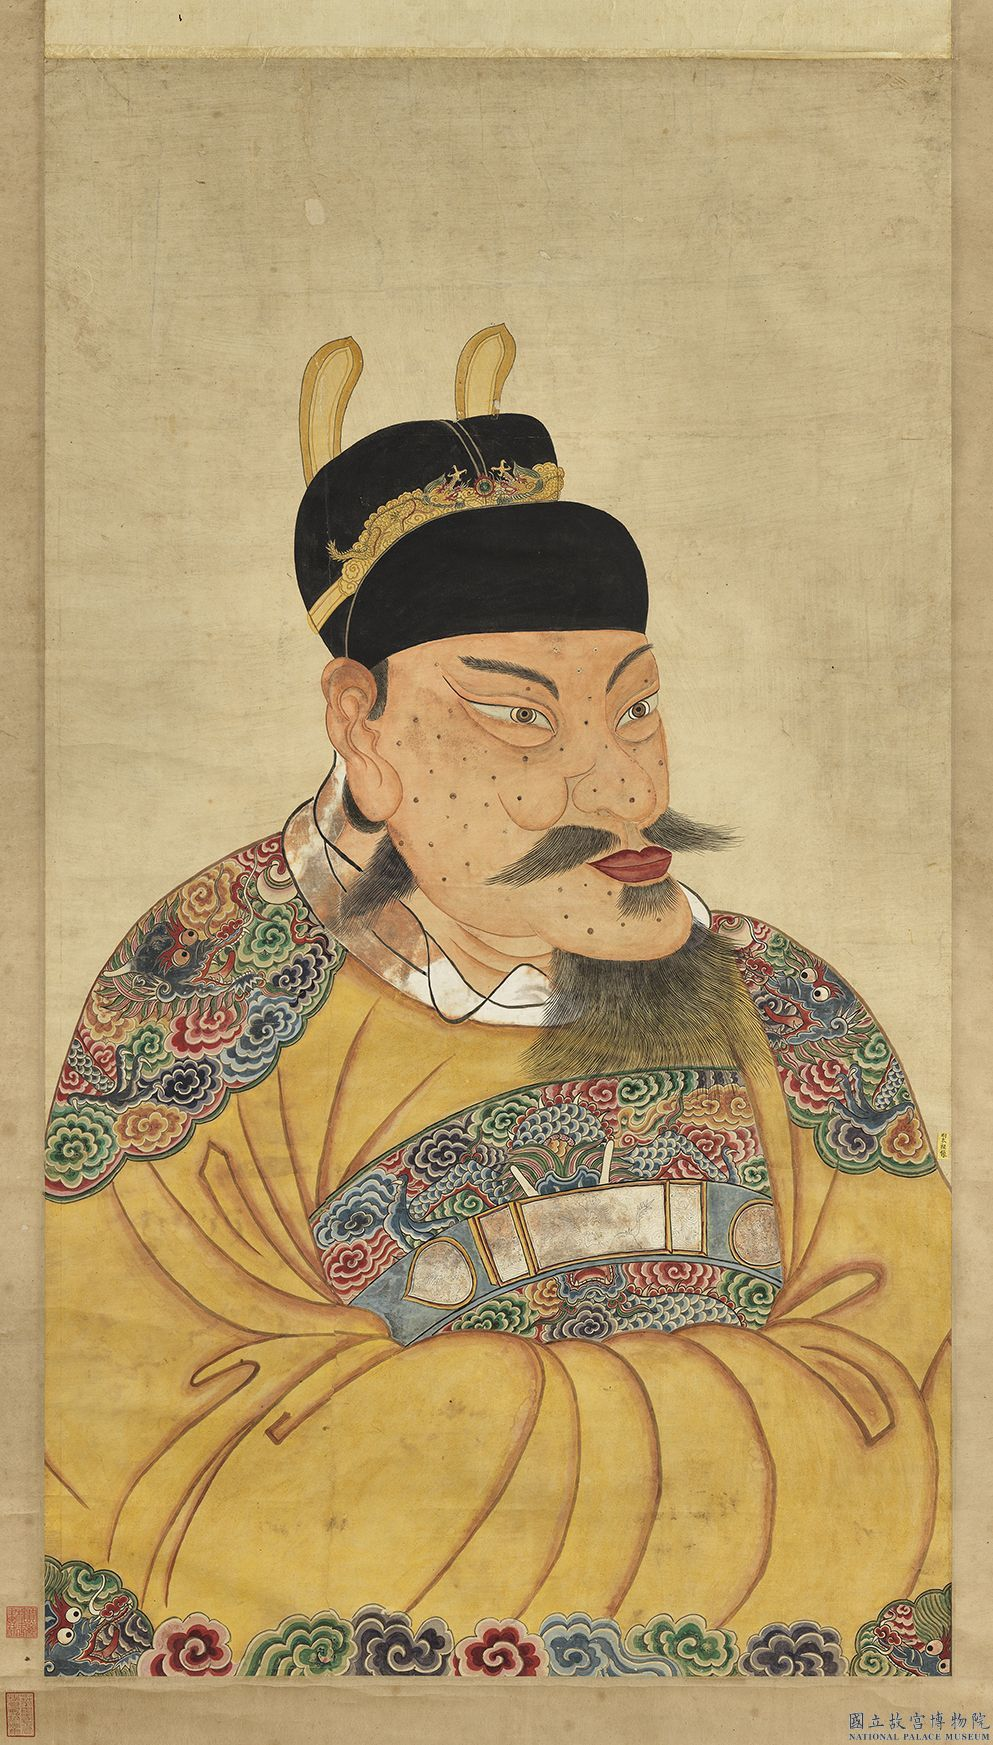 故宮小編曾將明太祖臉上有麻子的畫像作成「有志(痣)青年」放上網站。圖/故宮提供